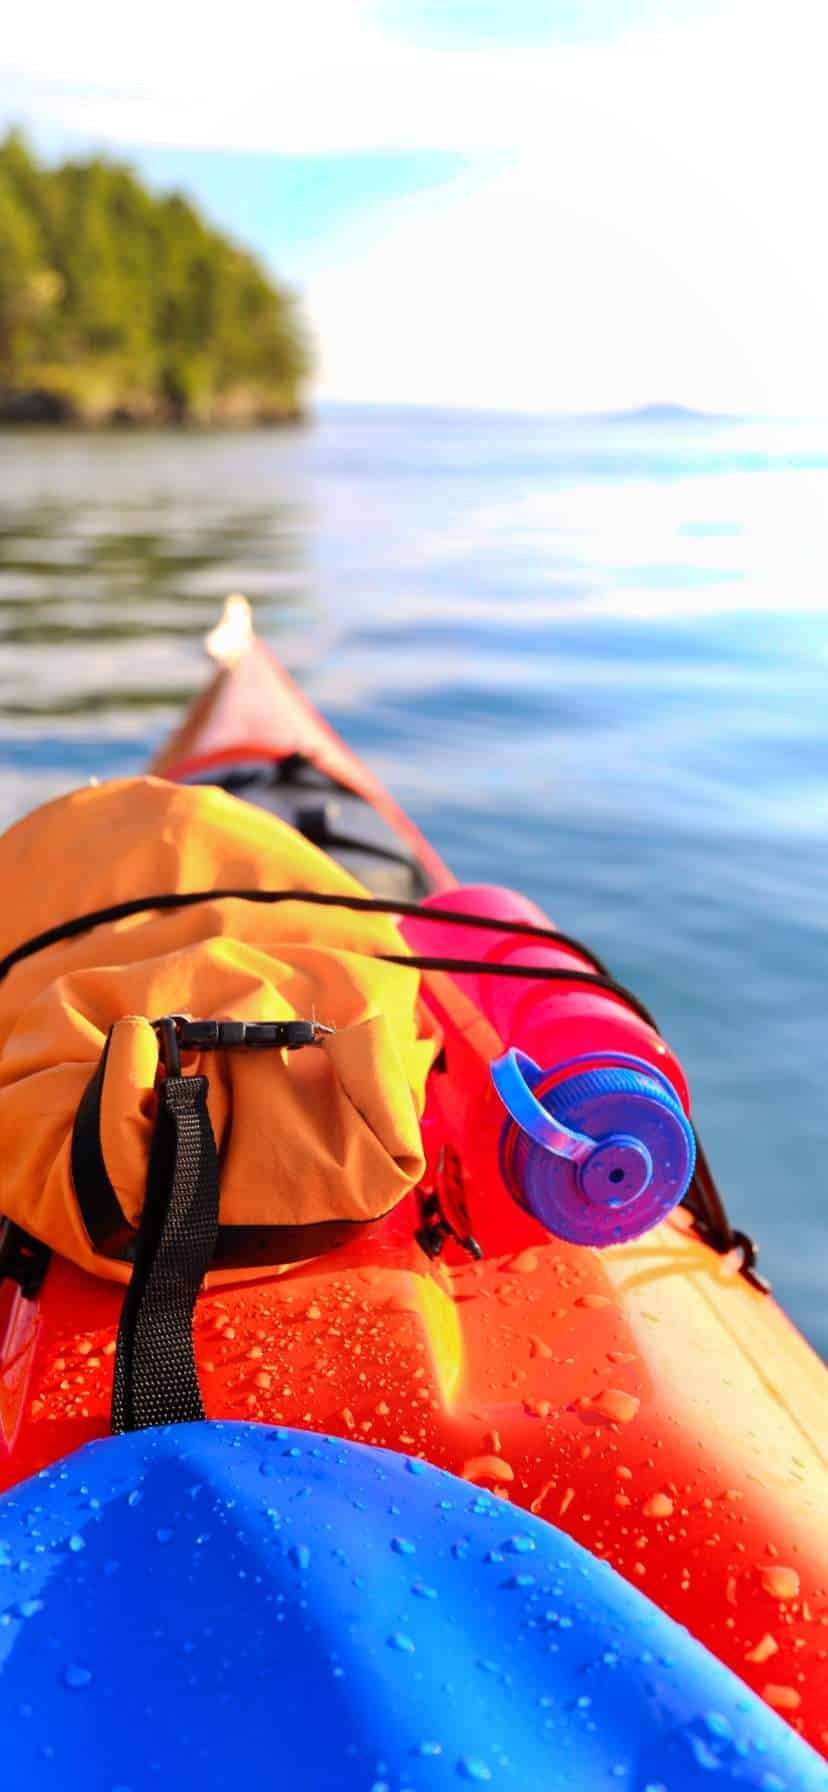 Day Trip Gear Kayaking in the San Juans